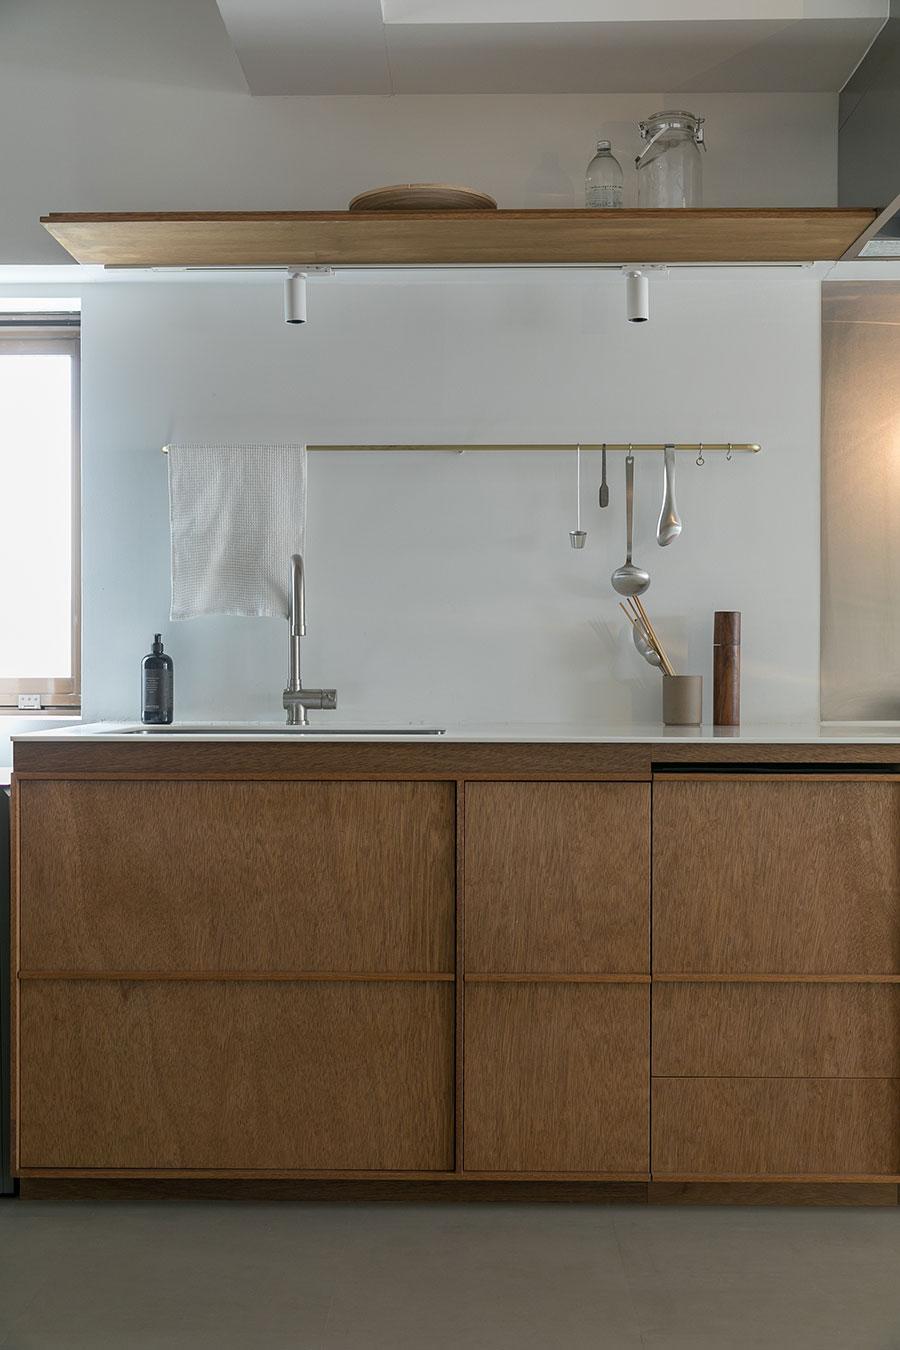 キッチンの上の棚板の薄さに注目!